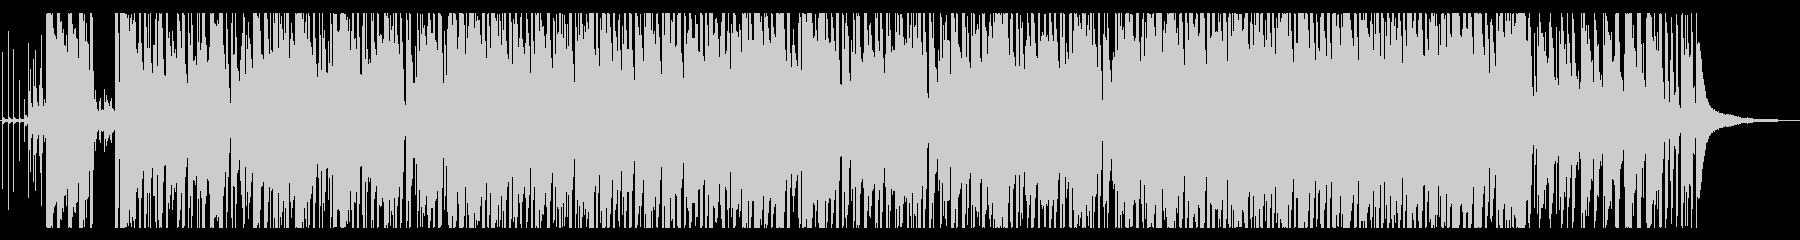 ジングルベルのジャズアレンジの未再生の波形